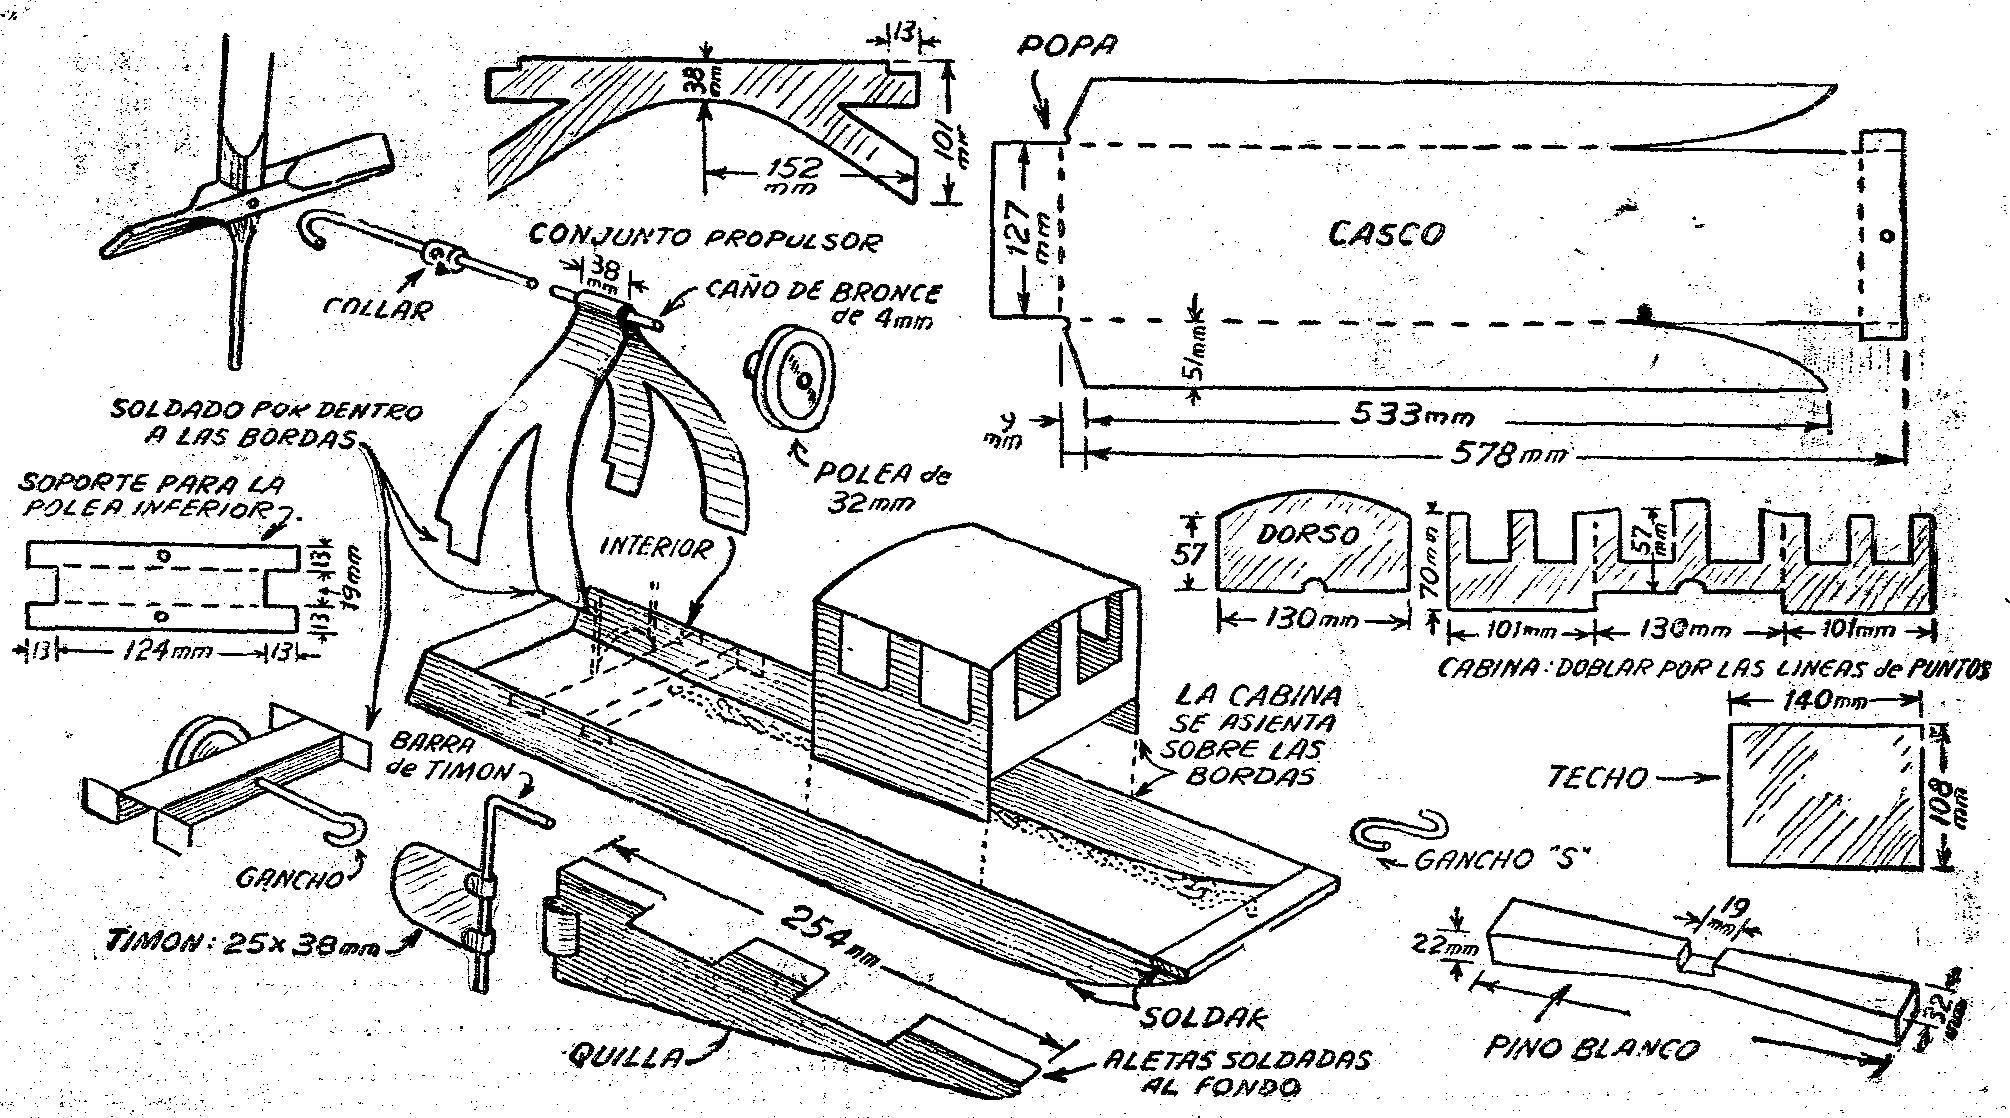 Barco que se hace con latas de gaseosa maquetas Proyectos en madera gratis